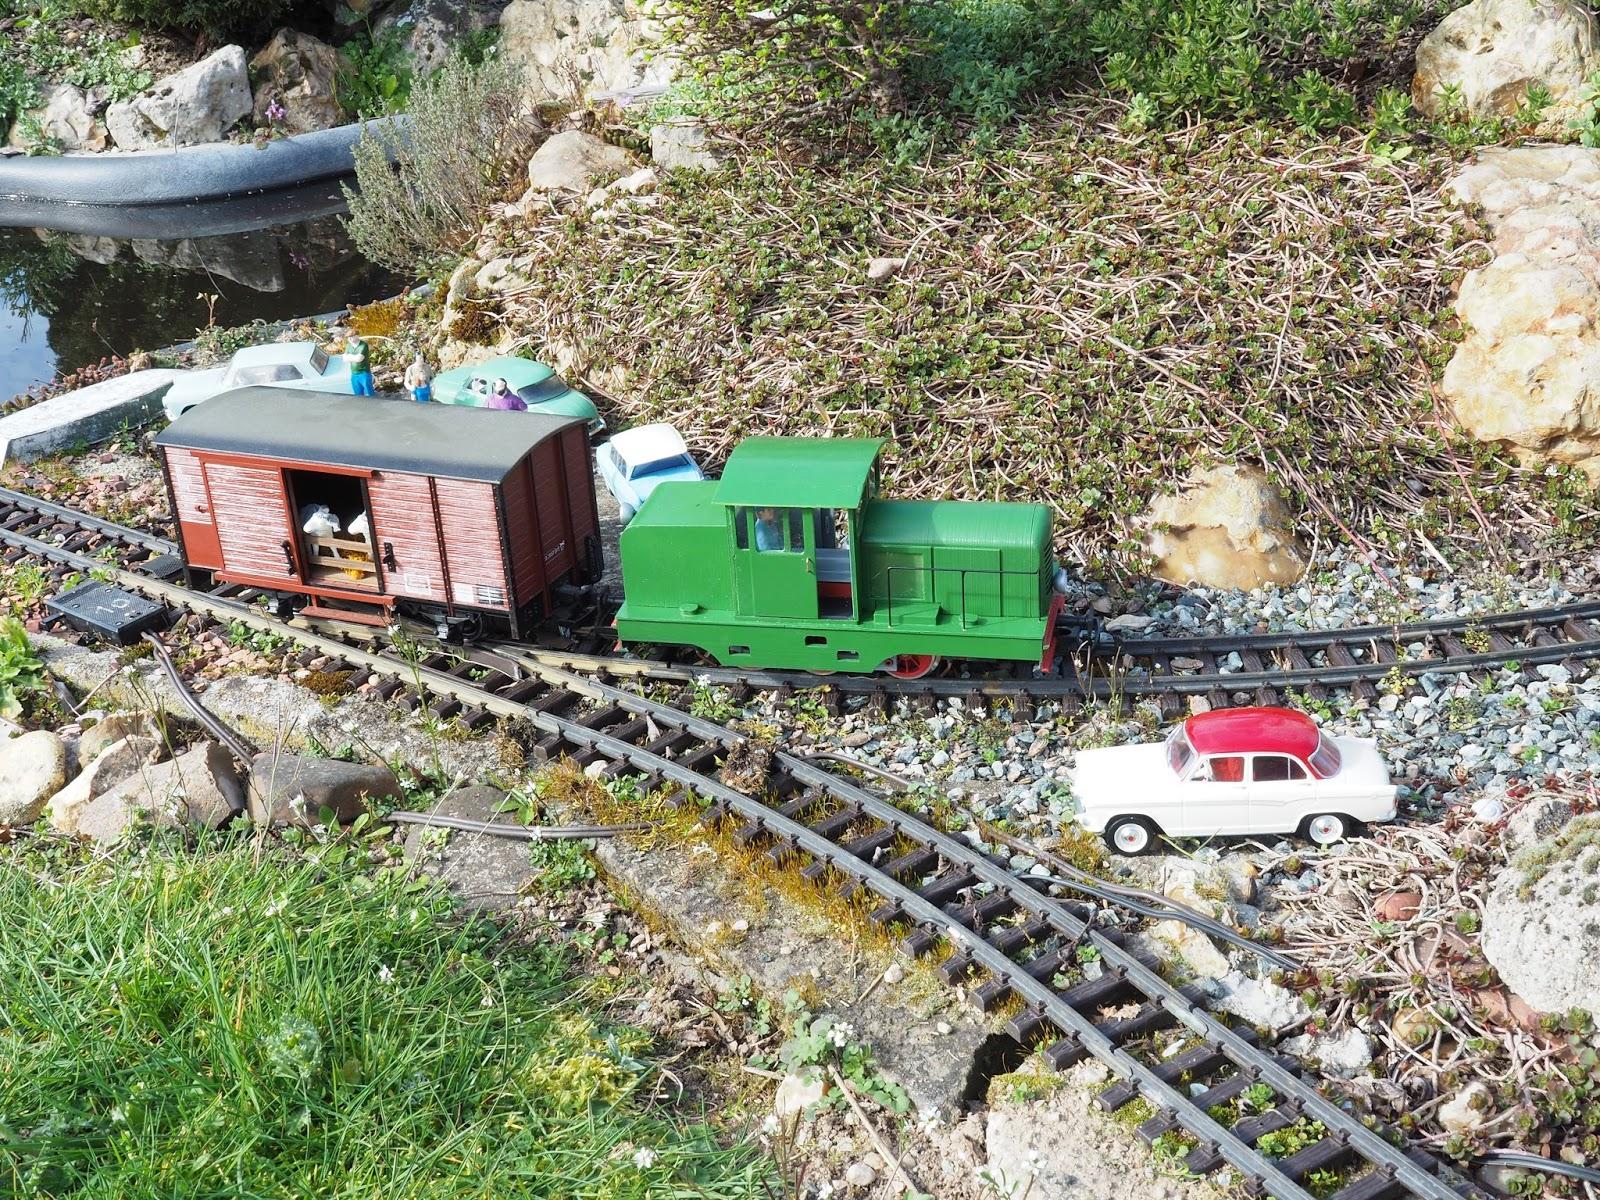 Le train de jardin en iim locotracteur cfd type doubs for Jardin ferroviaire